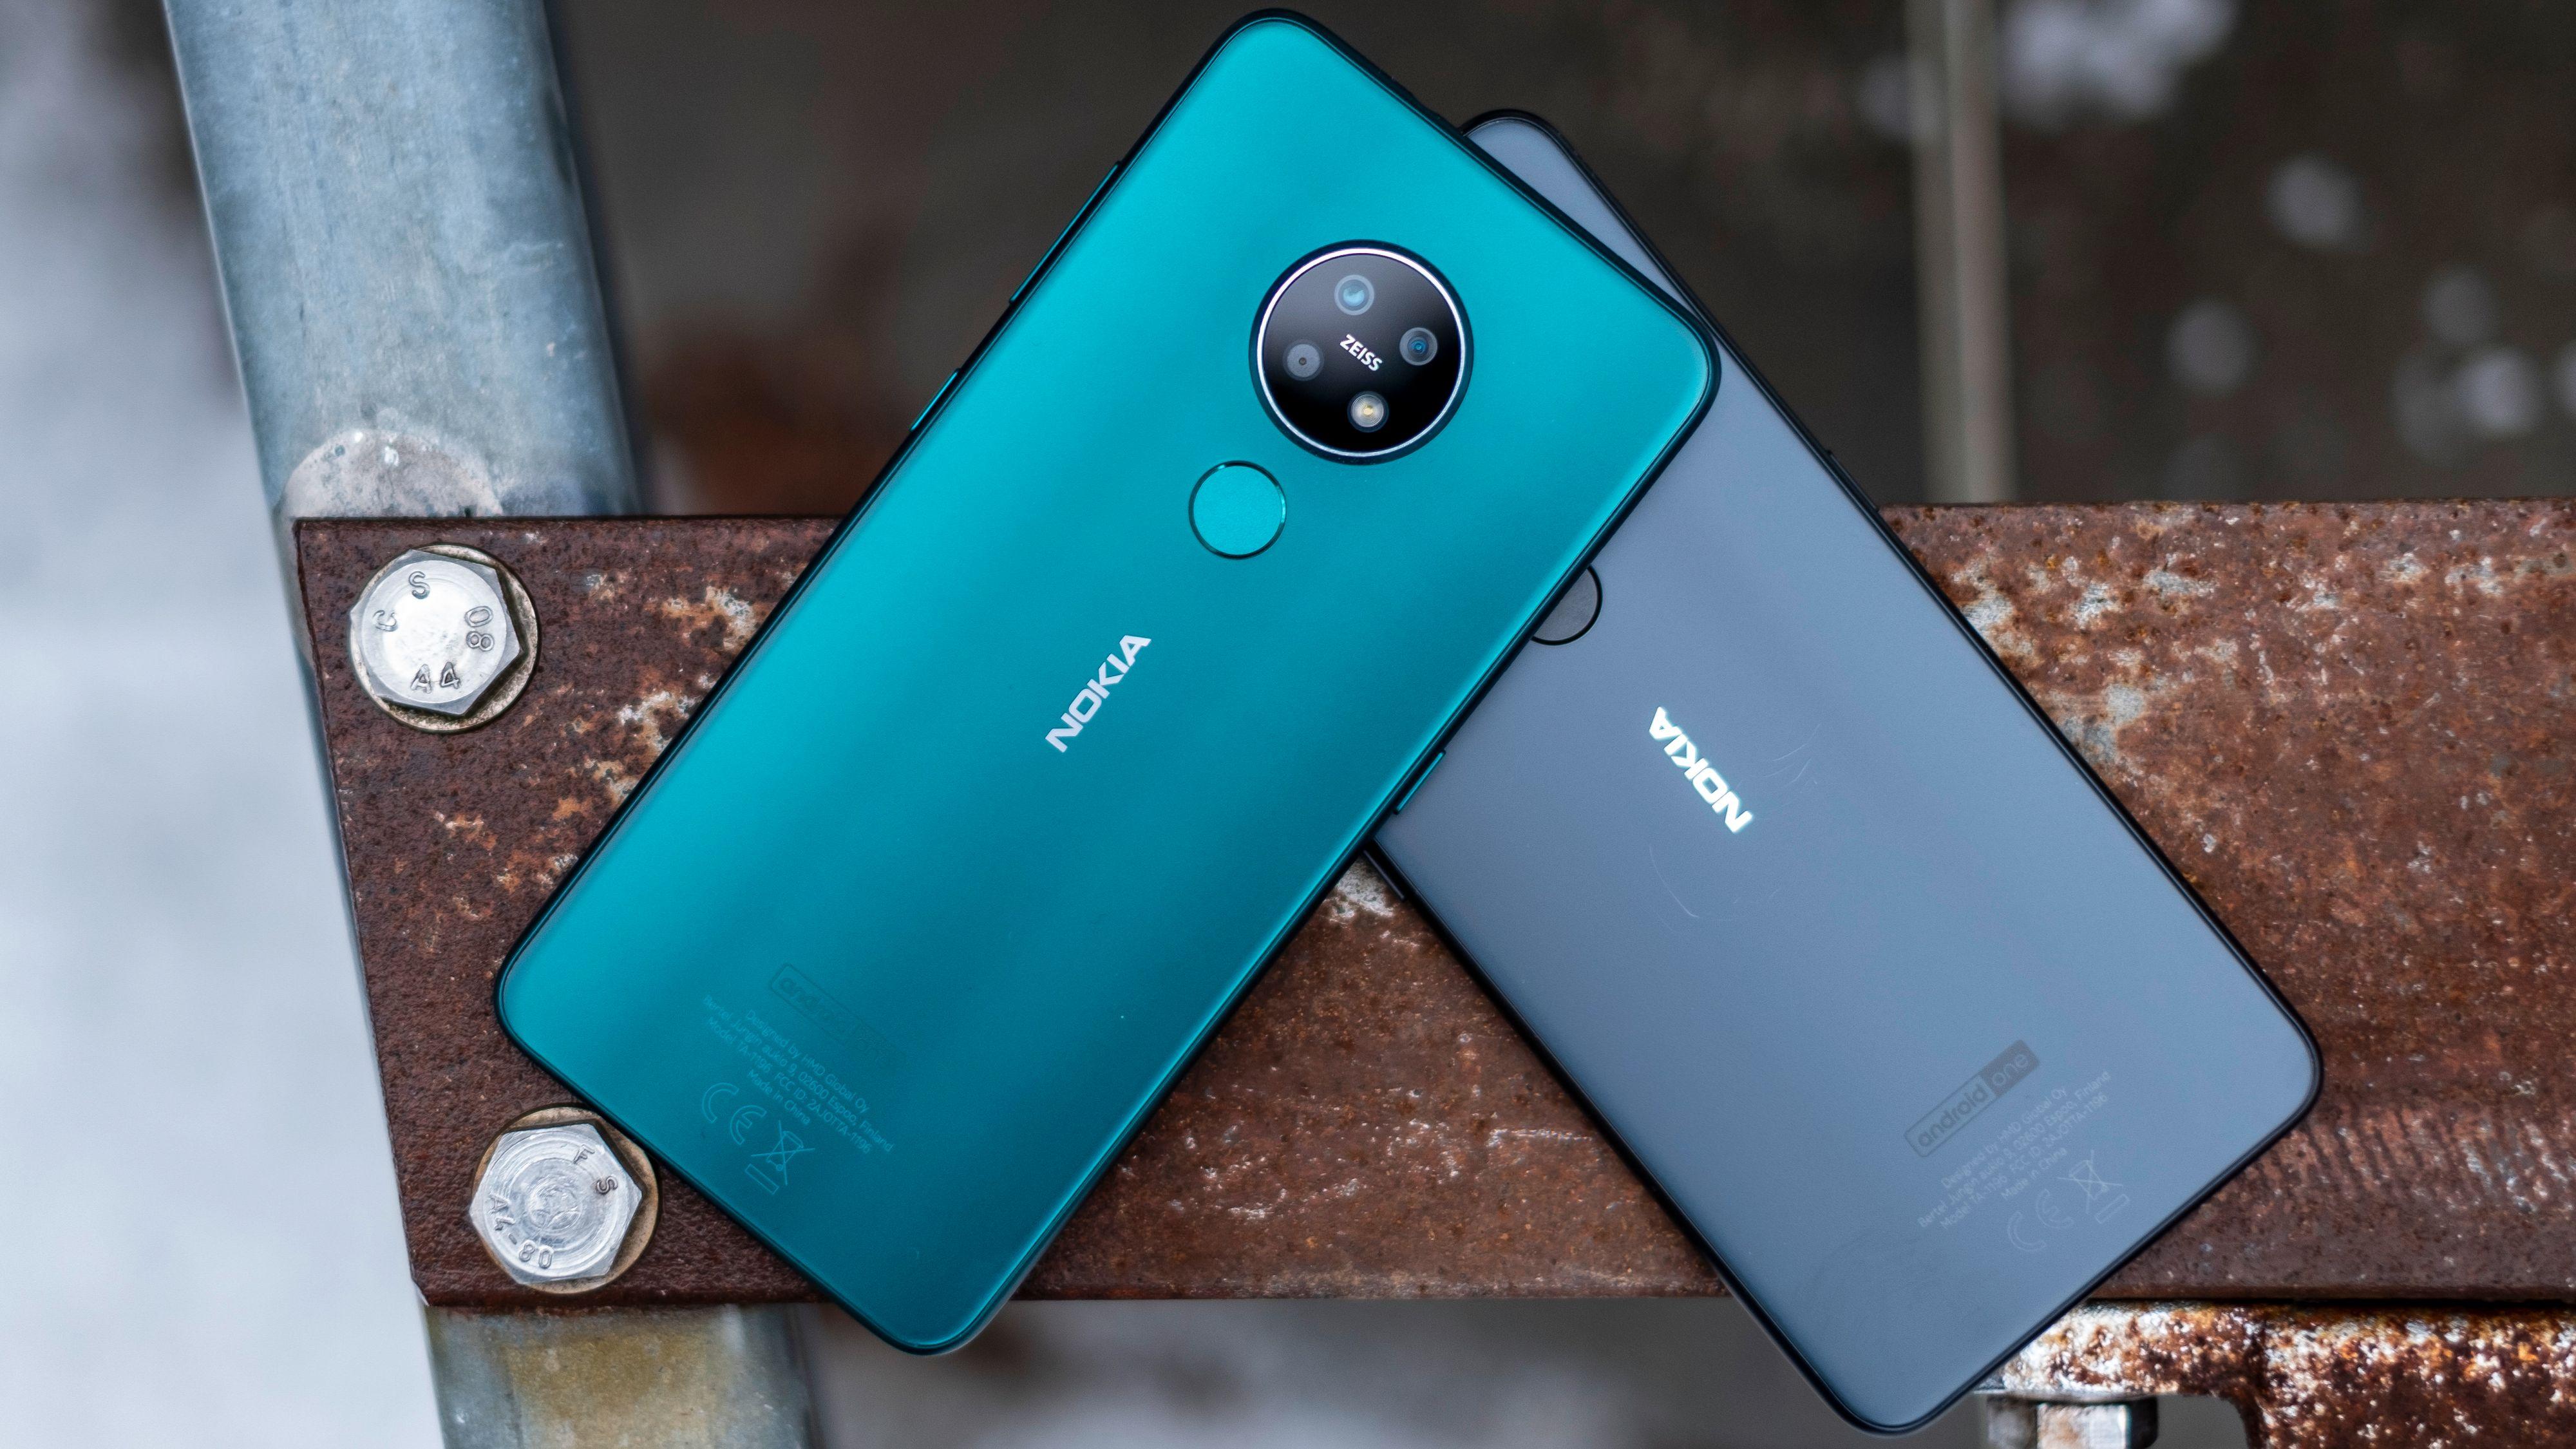 Nokia 7.2 finnes i en lekker grønn utgave eller i en variant der nyansene svinger mellom koksgrått og svart. Zeiss-logoen på baksiden antyder dessverre at kameraet er litt bedre enn det er.